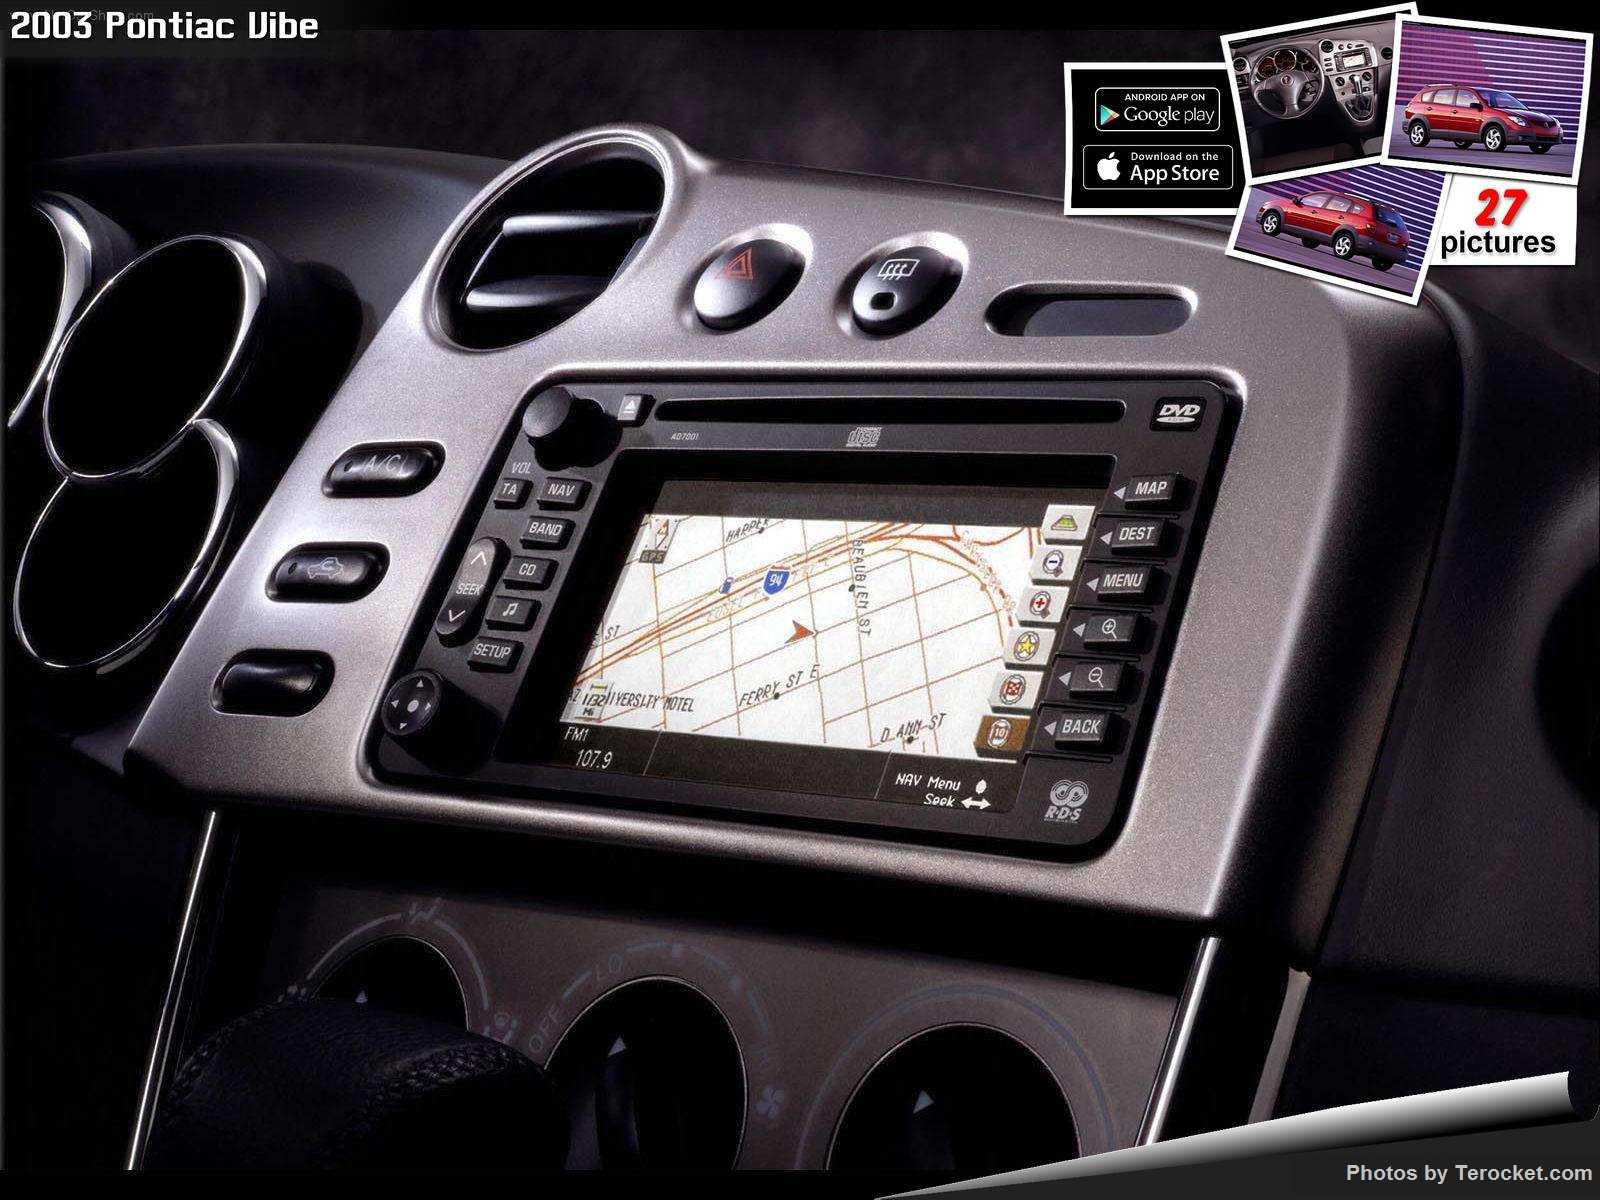 Hình ảnh xe ô tô Pontiac Vibe 2003 & nội ngoại thất